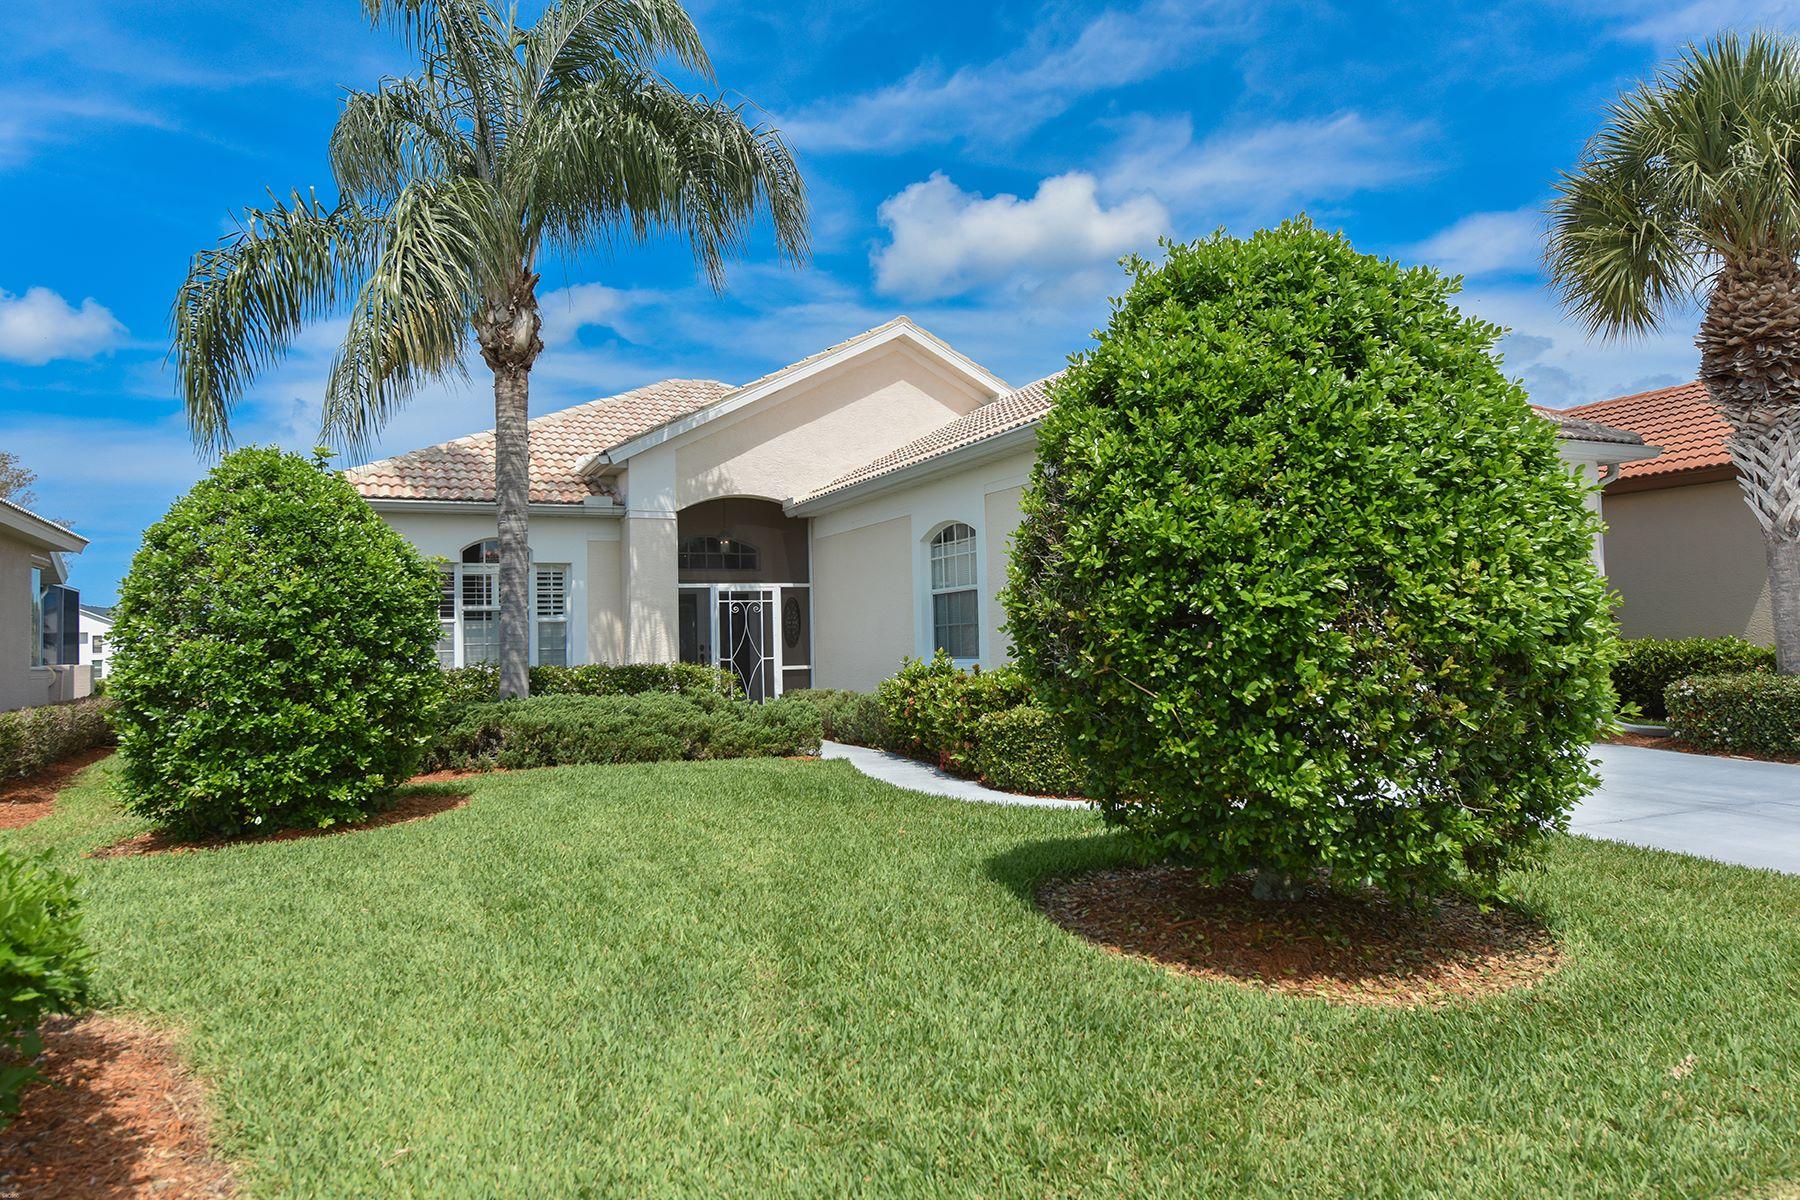 独户住宅 为 销售 在 SAWGRASS 653 Misty Pine Dr 威尼斯, 佛罗里达州, 34292 美国